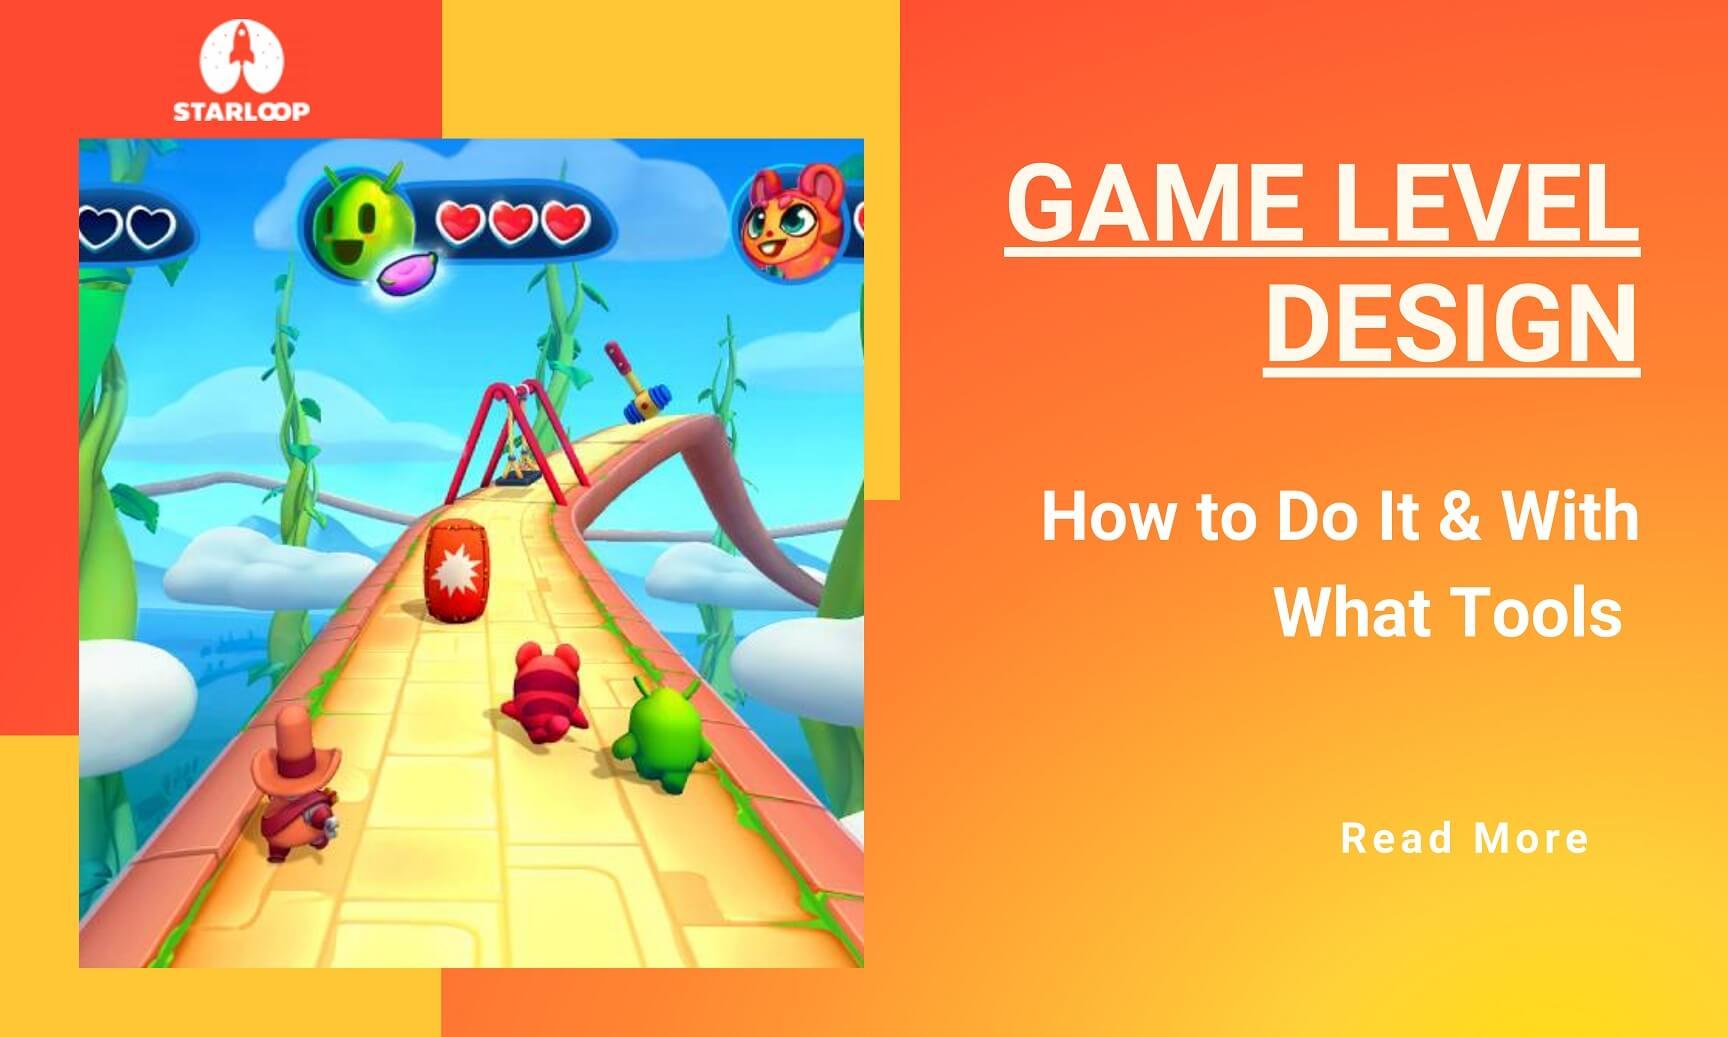 level game design tools